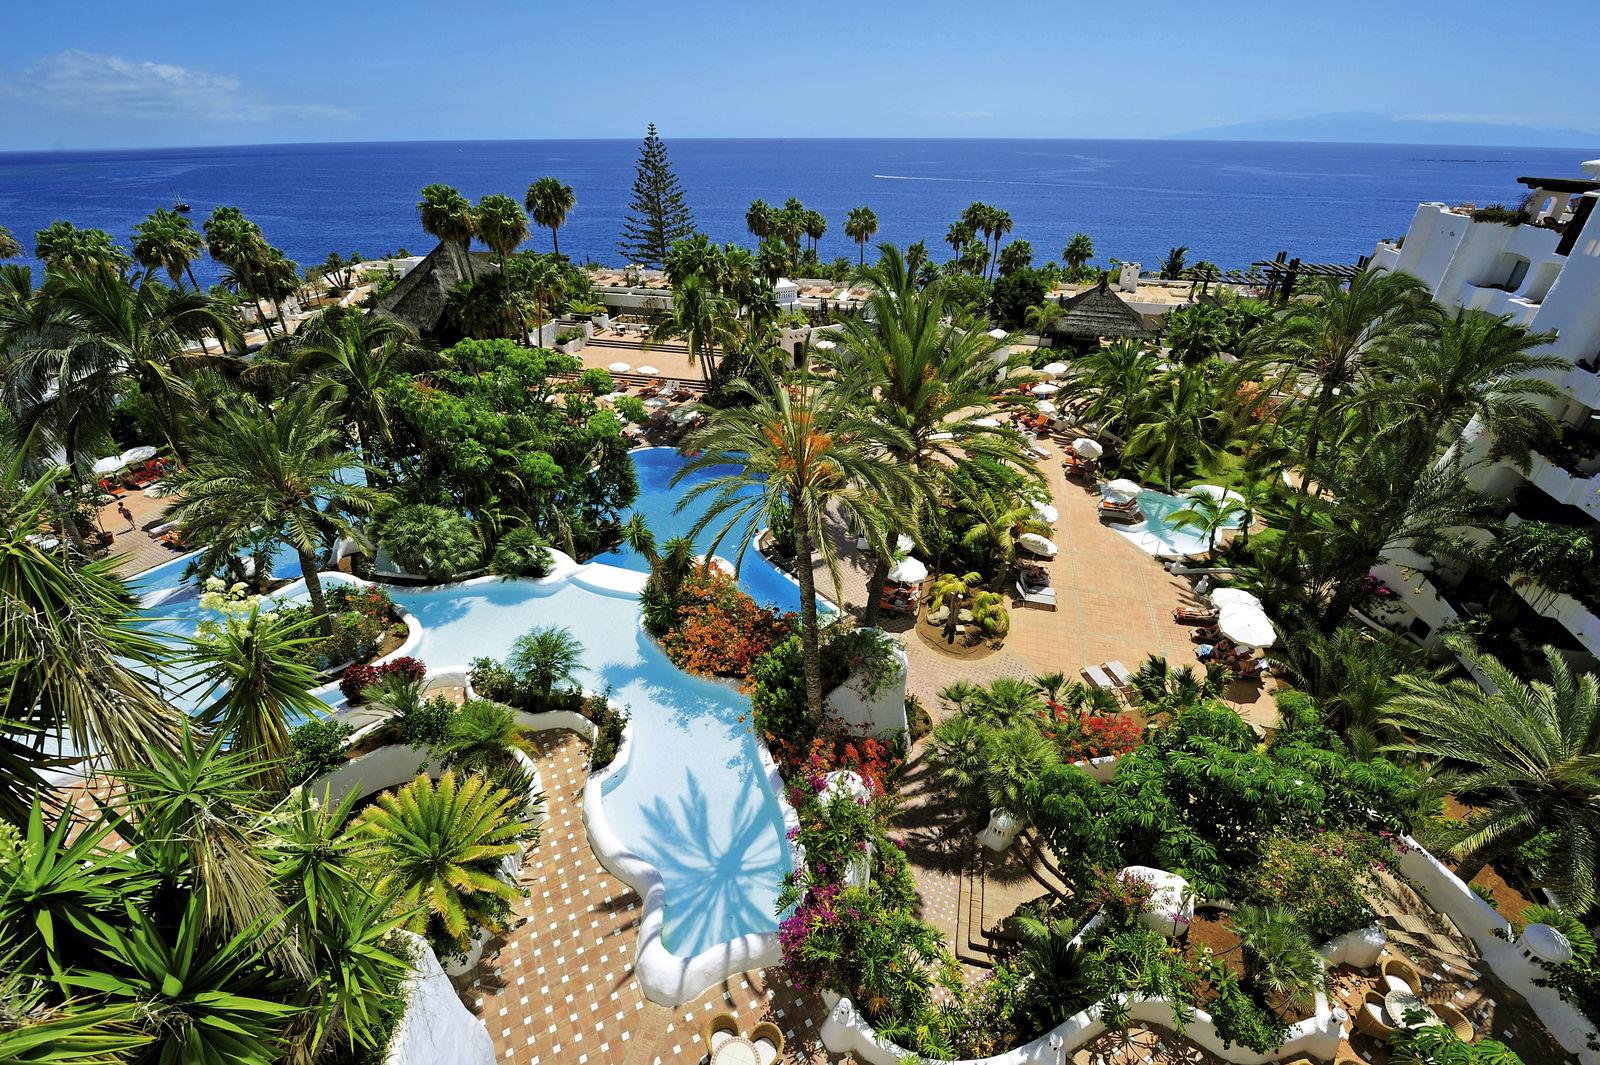 Kanaren_Teneriffa_TUI Blue Jardin Tropical